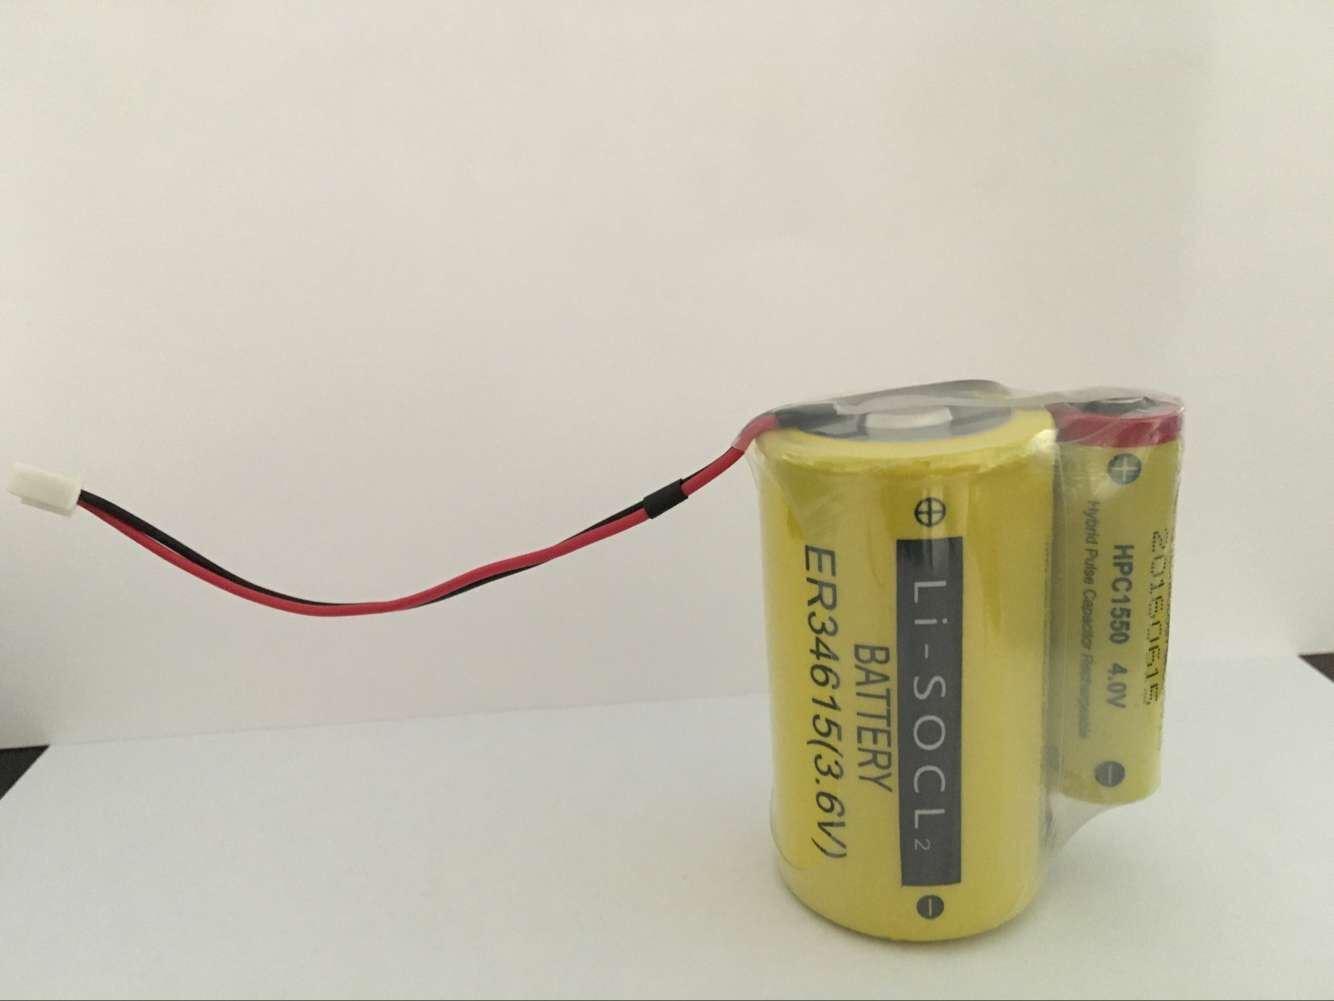 スマートな水道メーターのガスメートルの手段のテレマティックスGPS資産の追跡のスマートな駐車のためのカスタムIotのリチウム電池のパックEr34615+Hpc1550